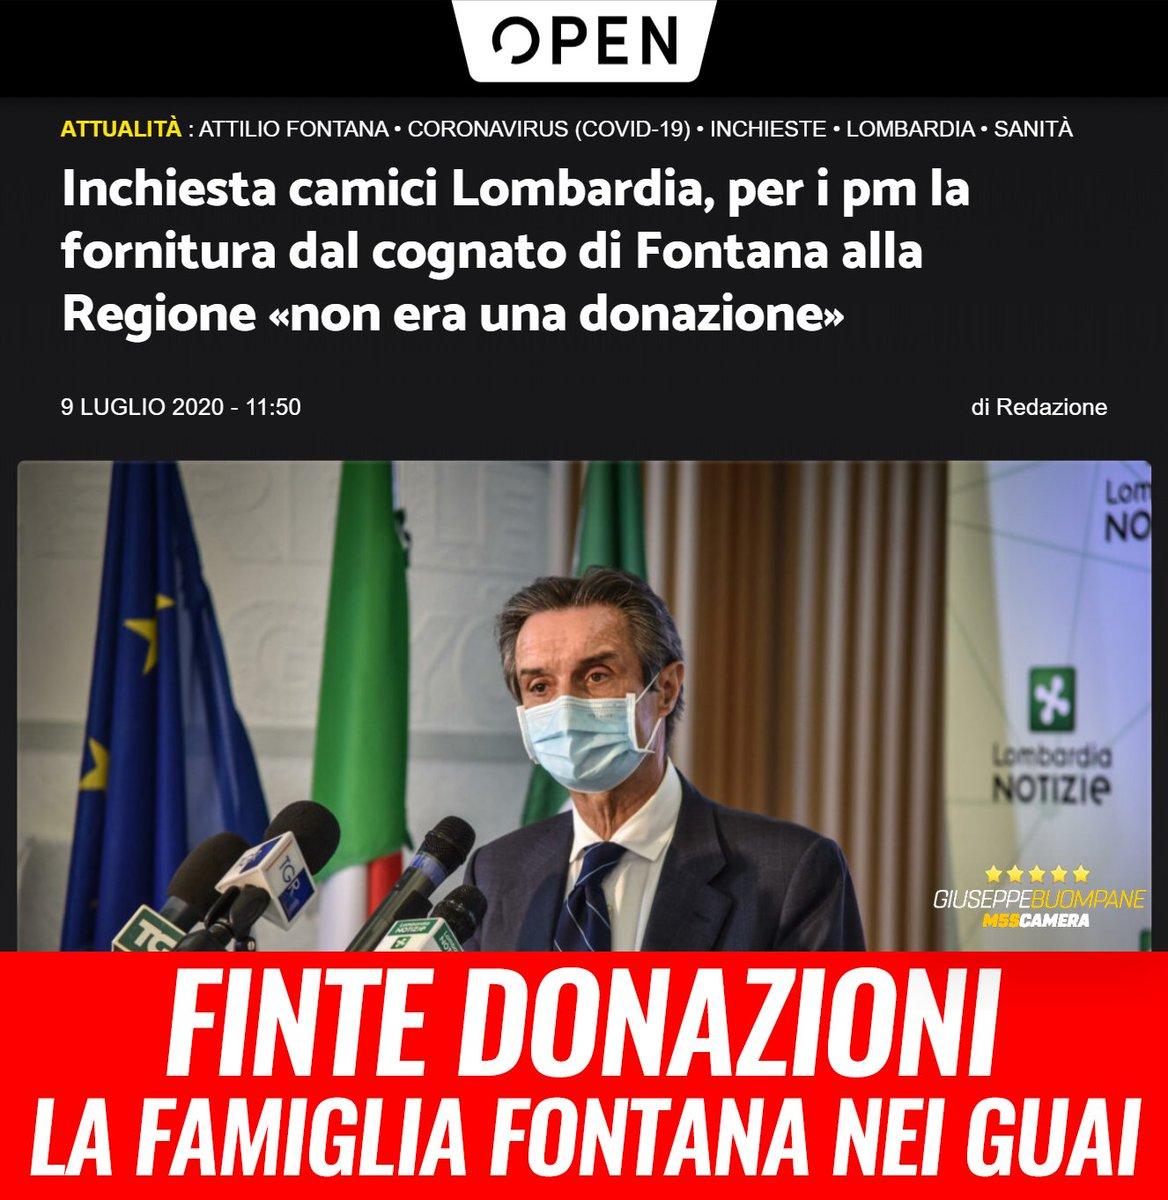 @BuompaneG's photo on #Fontana